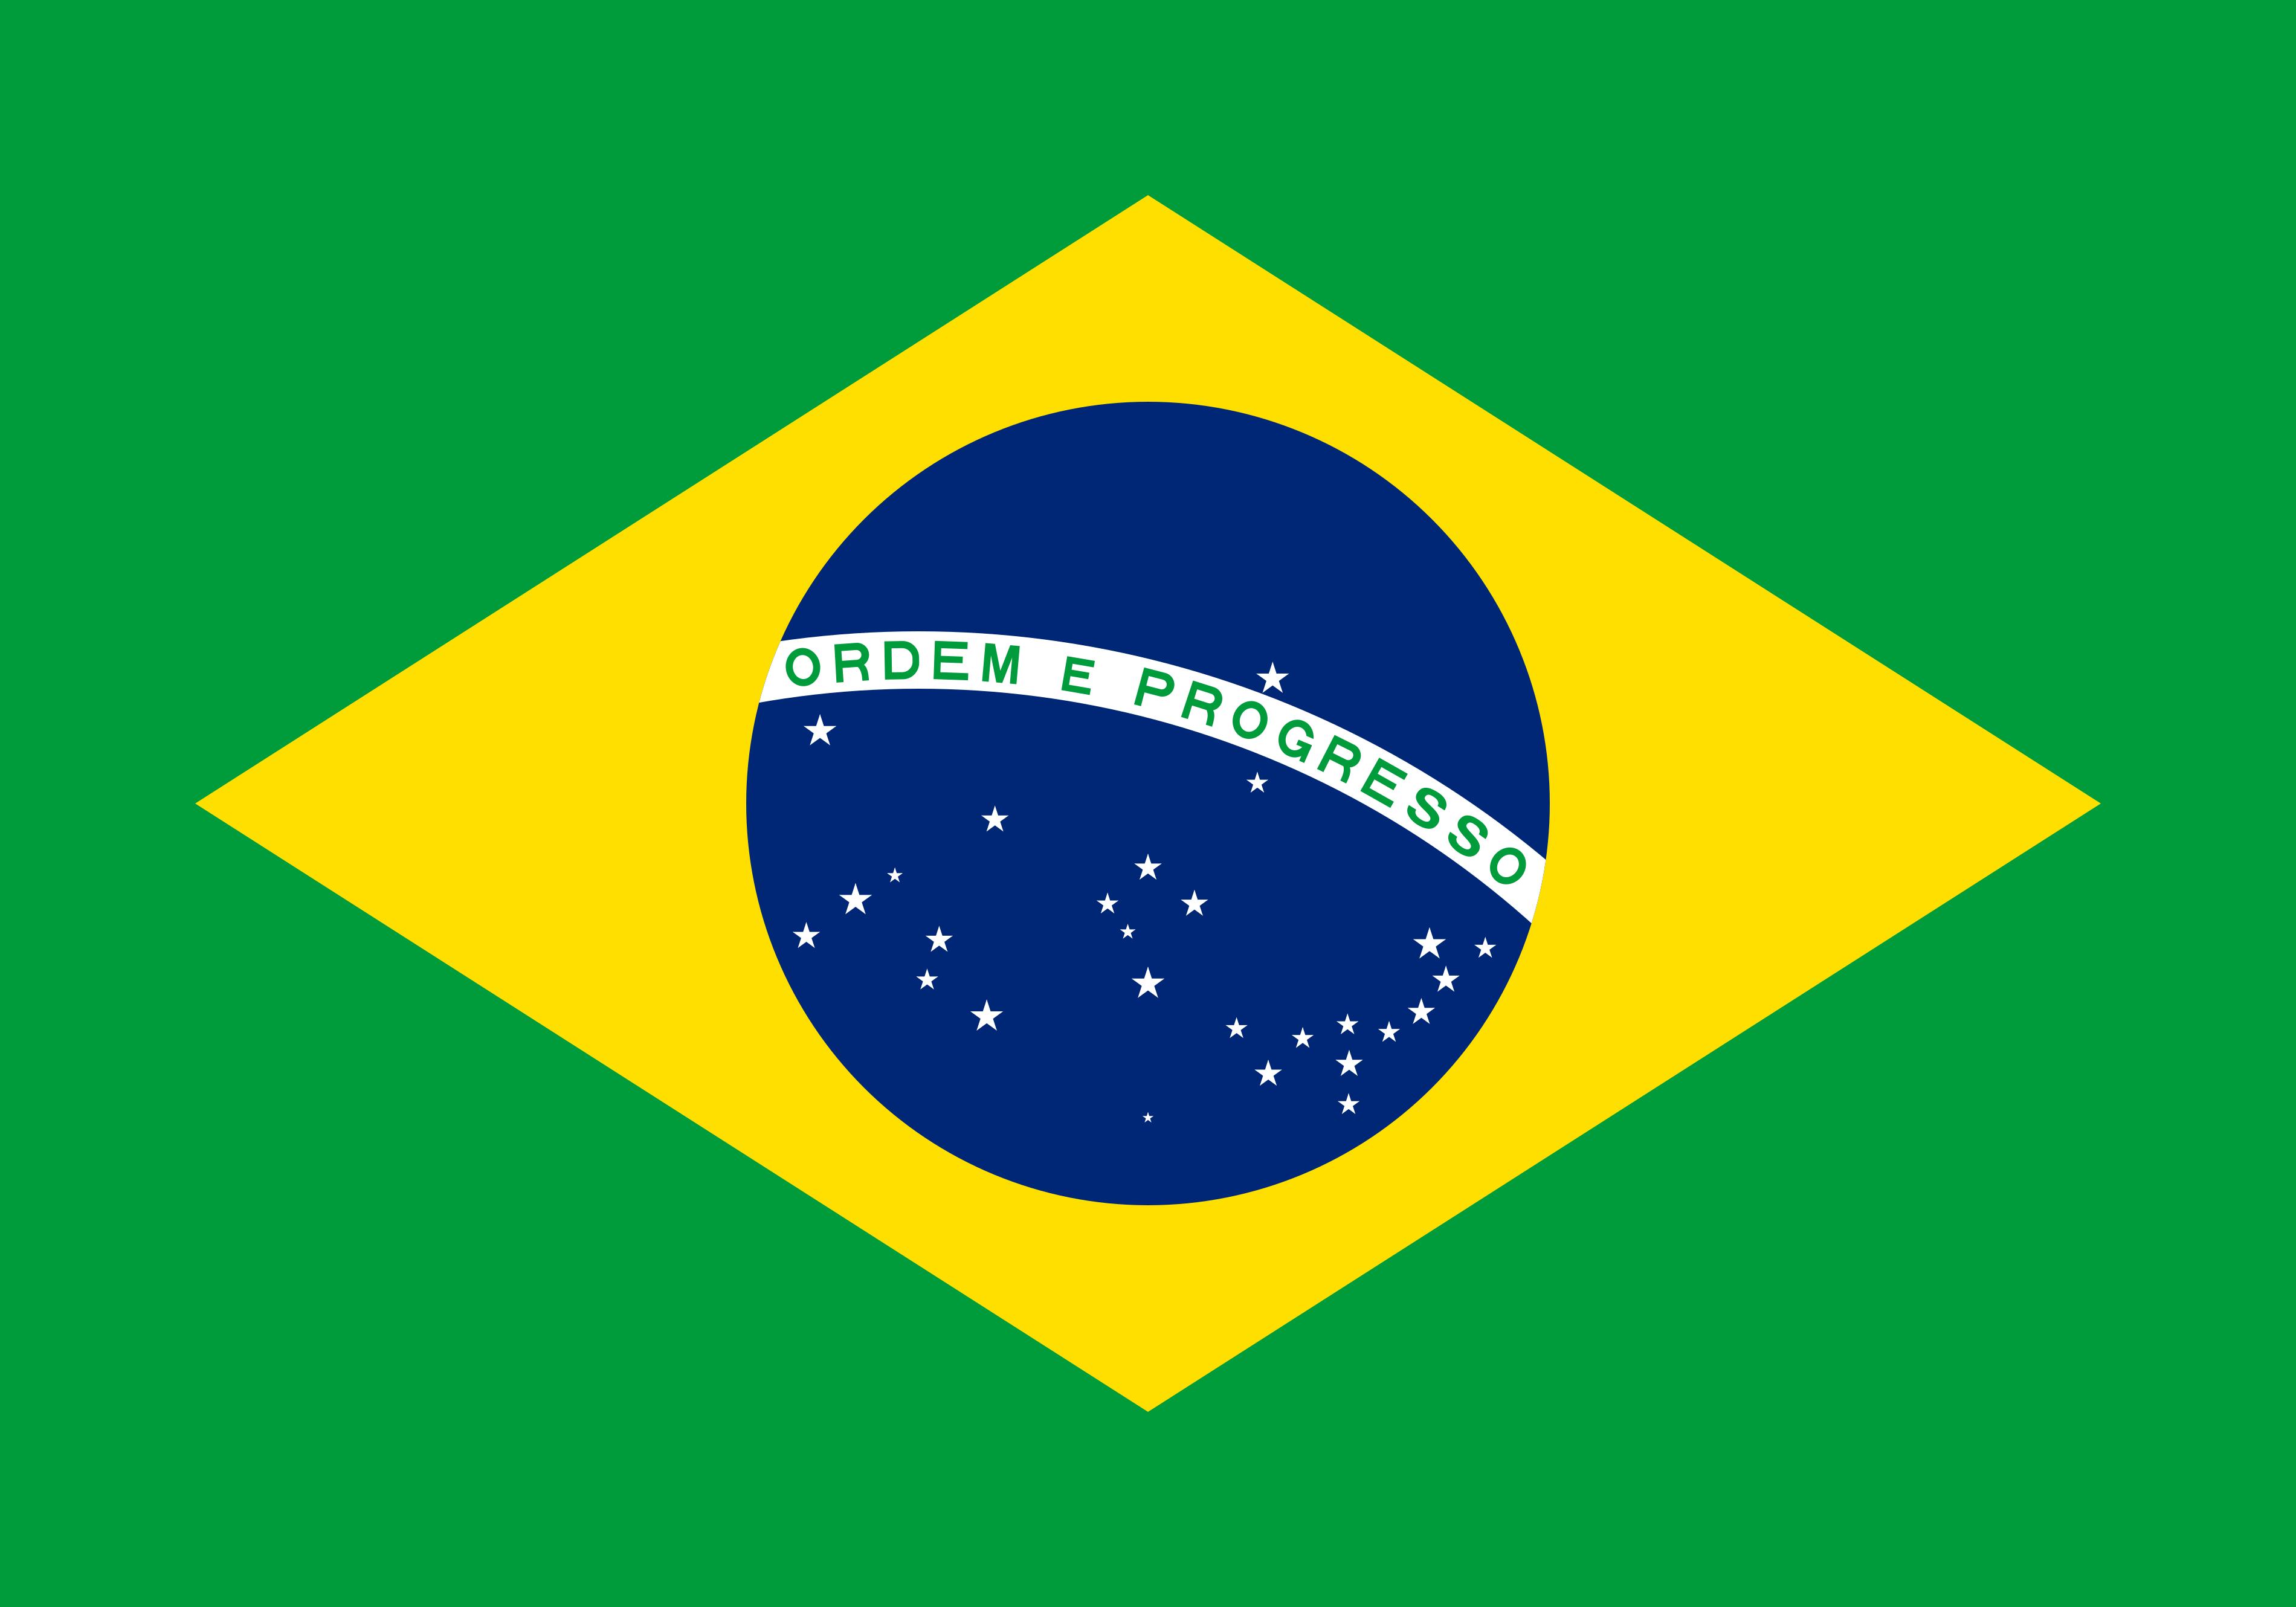 Bandeira do Brasil.